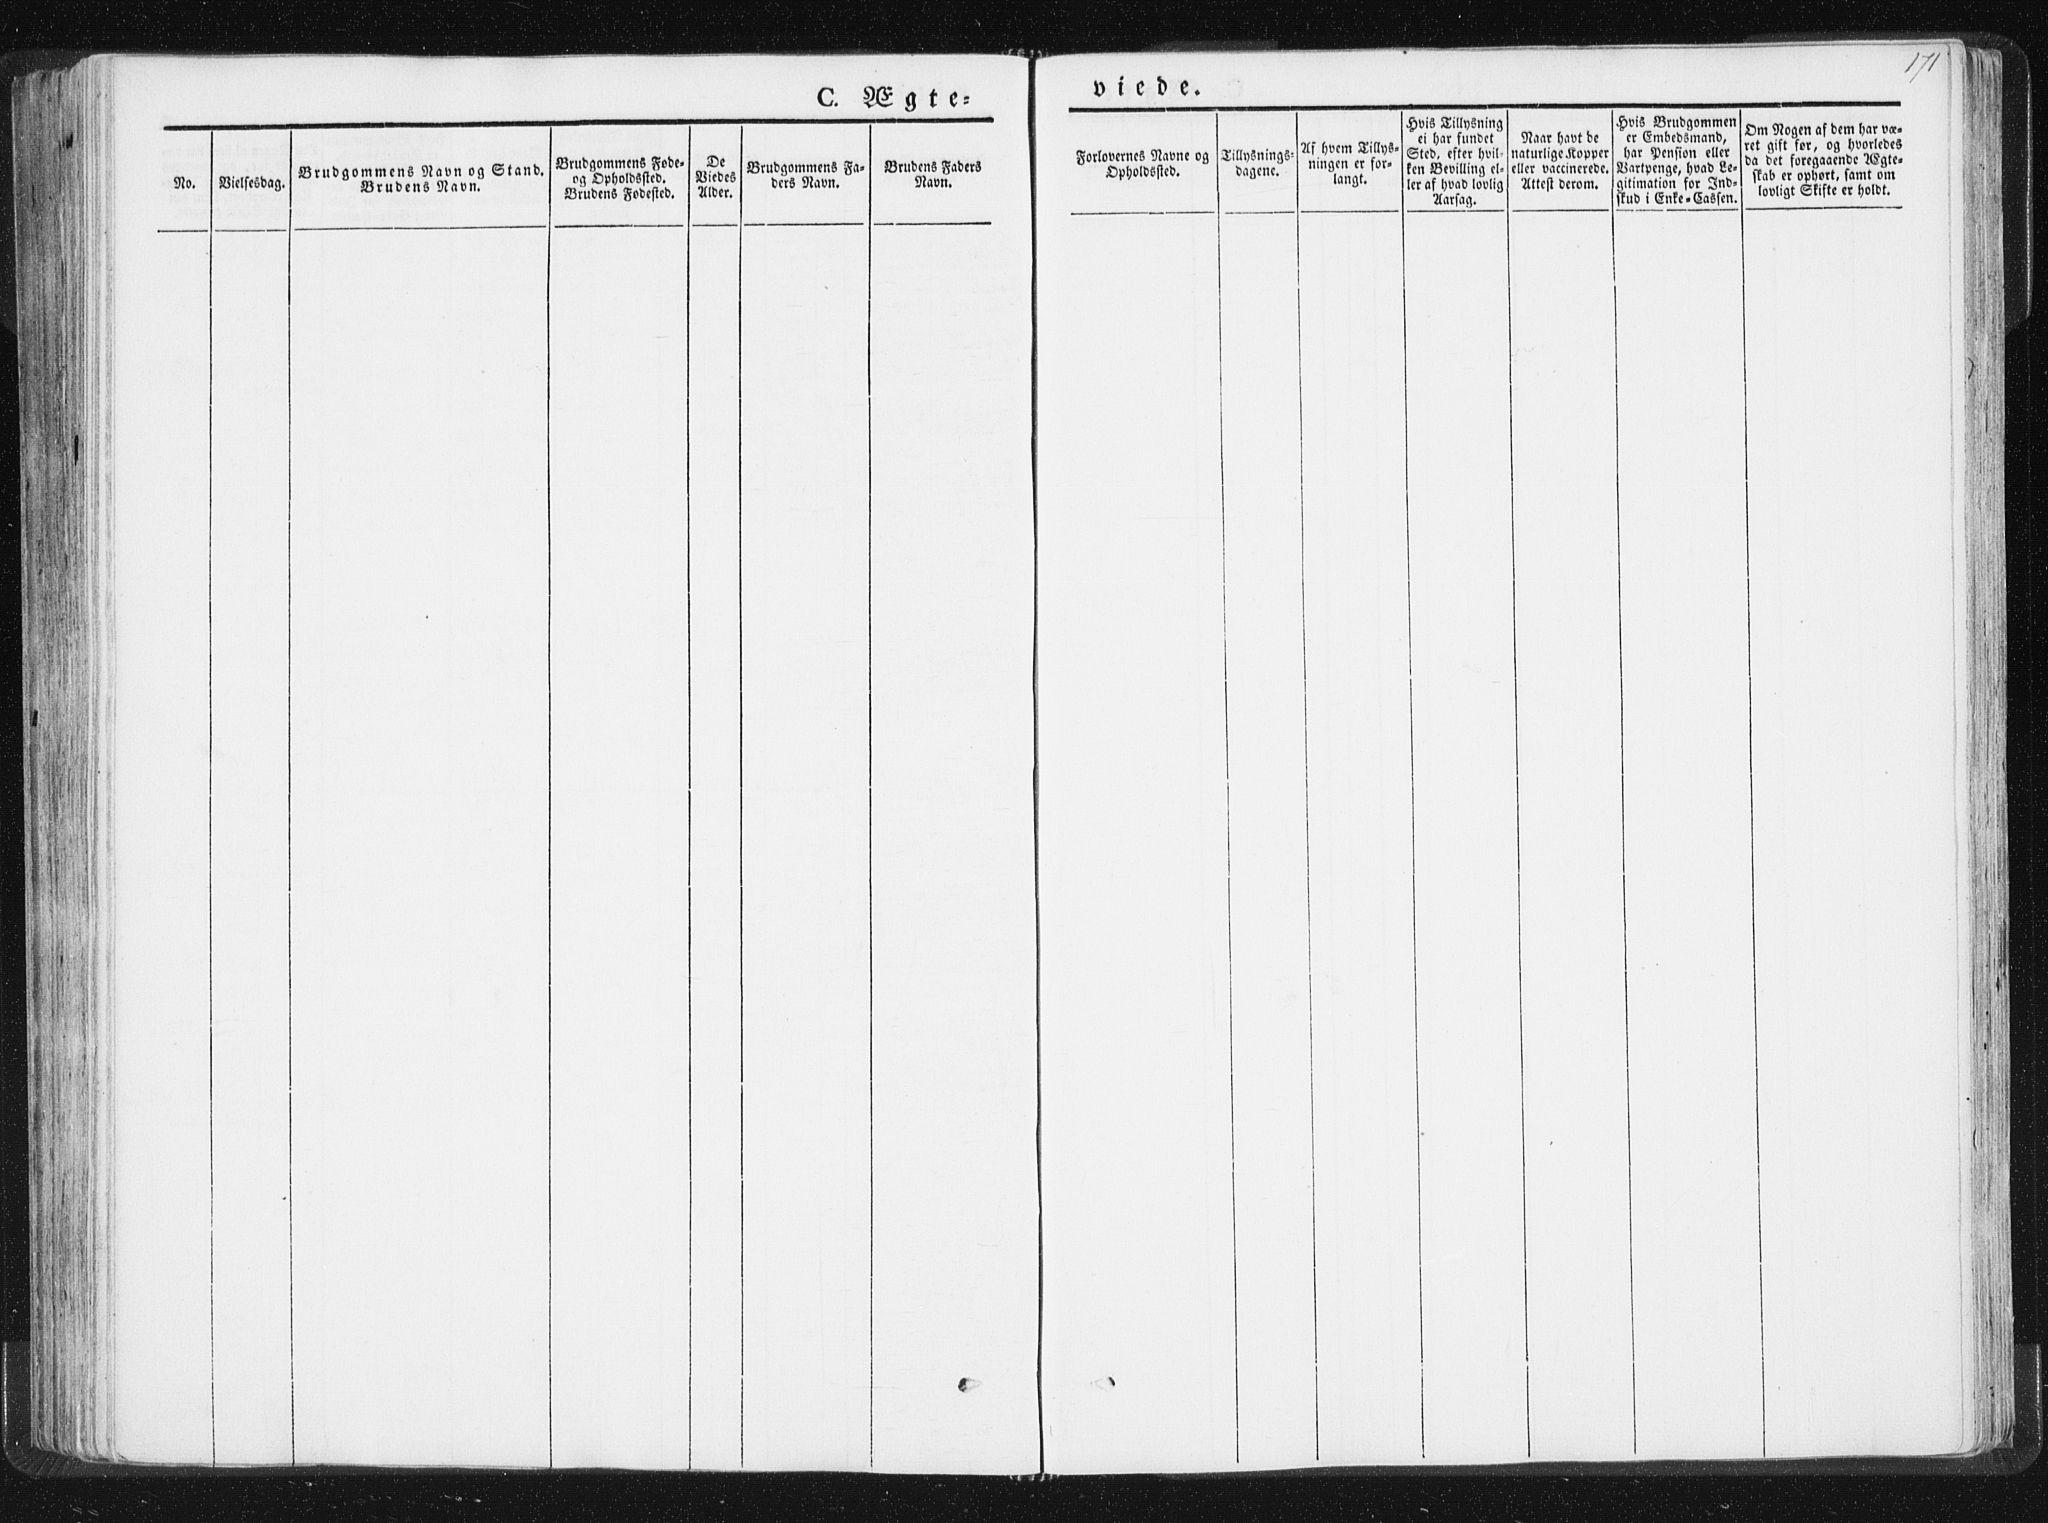 SAT, Ministerialprotokoller, klokkerbøker og fødselsregistre - Nord-Trøndelag, 744/L0418: Ministerialbok nr. 744A02, 1843-1866, s. 171